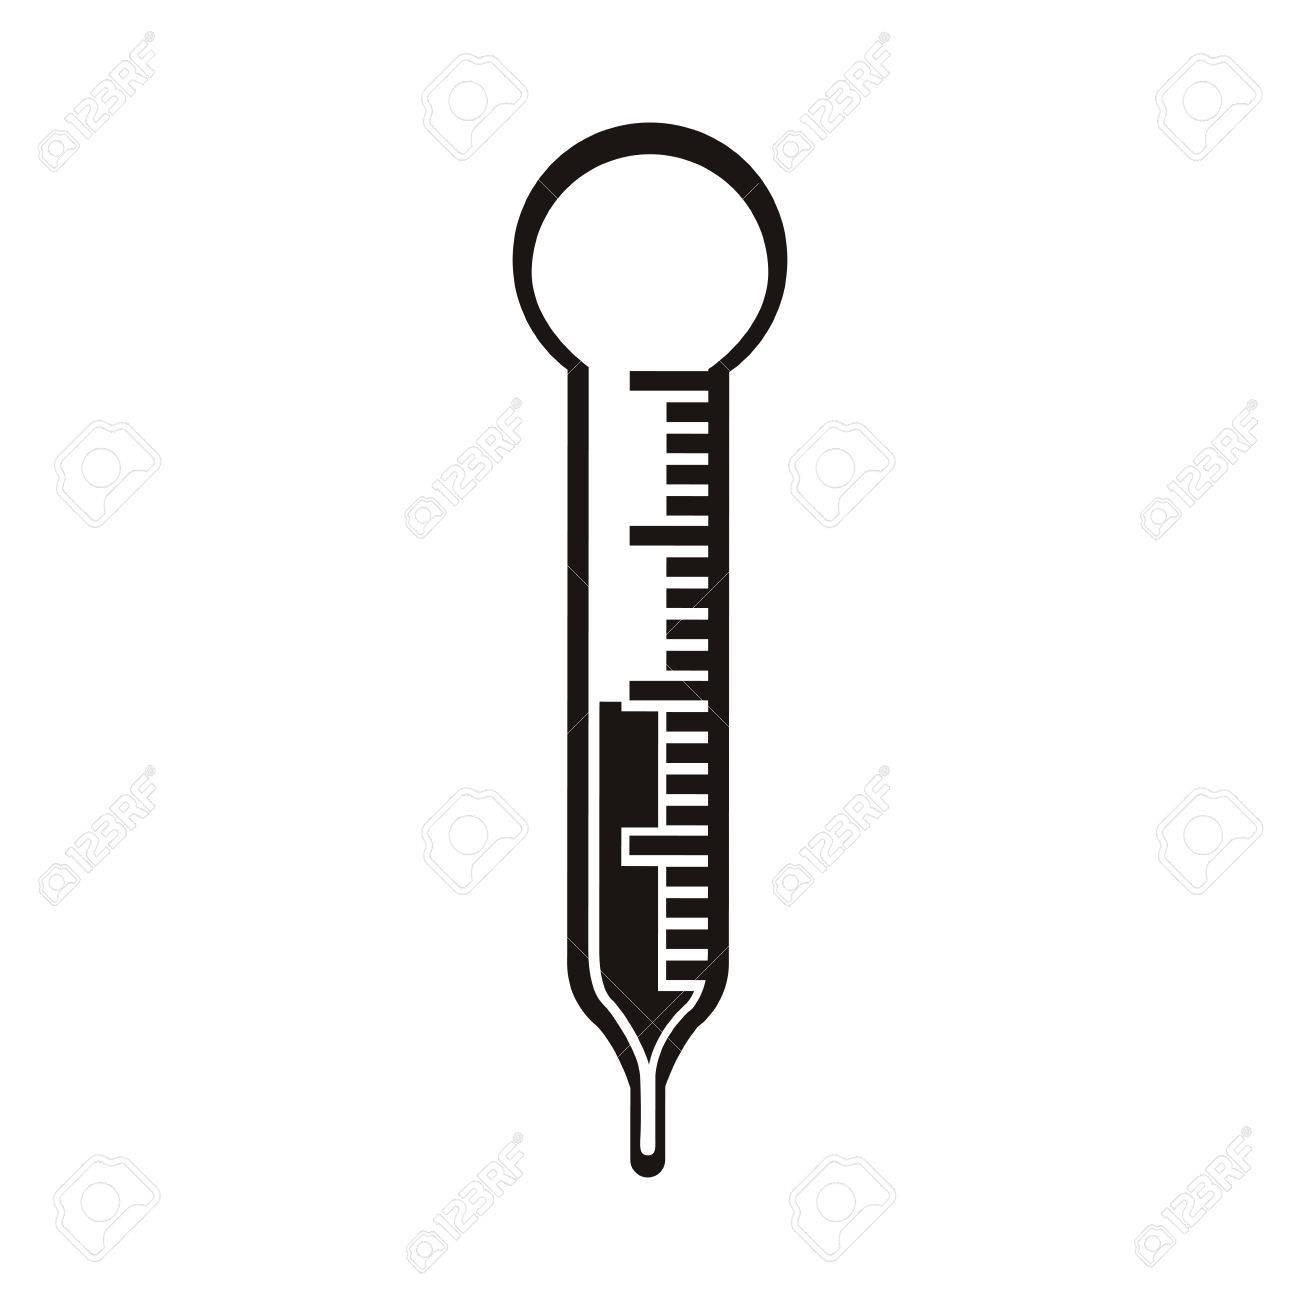 Termometro De La Silueta En Negro Con La Ilustracion Vectorial Escala De Temperatura Ilustraciones Vectoriales Clip Art Vectorizado Libre De Derechos Image 66634490 Termómetro de plástico negro, de grandes dimensiones y muy visual. termometro de la silueta en negro con la ilustracion vectorial escala de temperatura